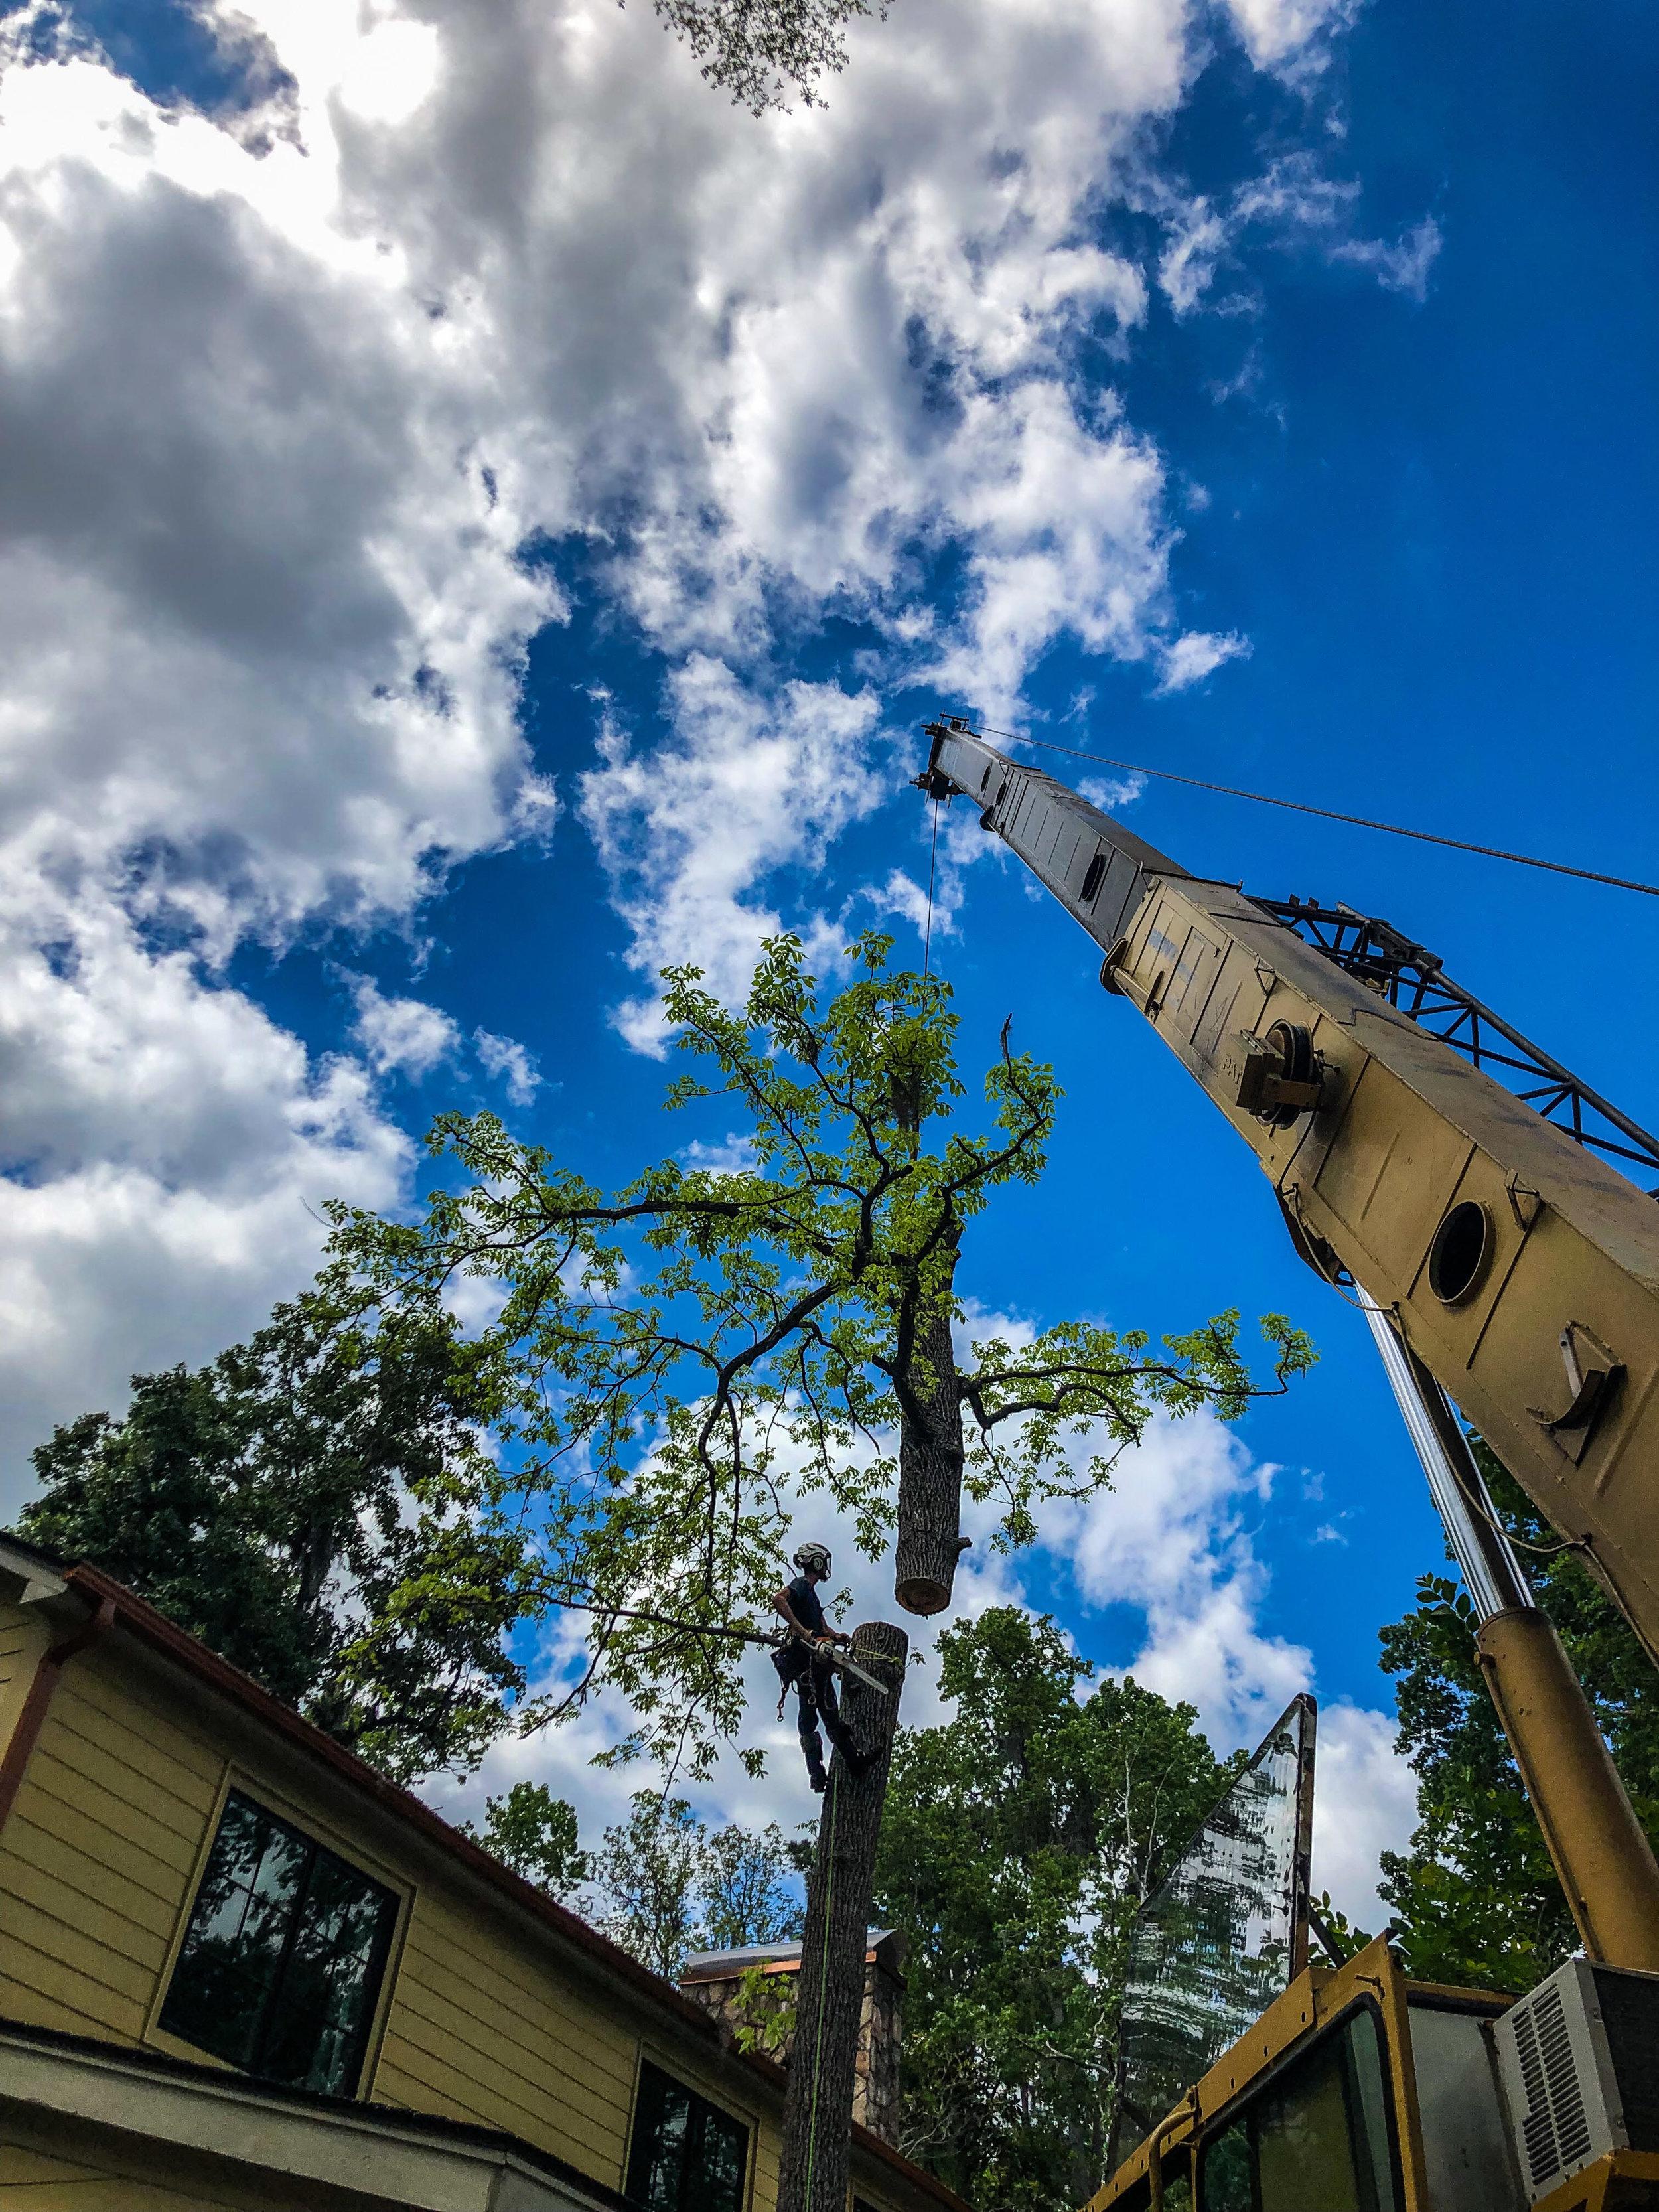 Blue Sky Crane Lift Tree Top Off